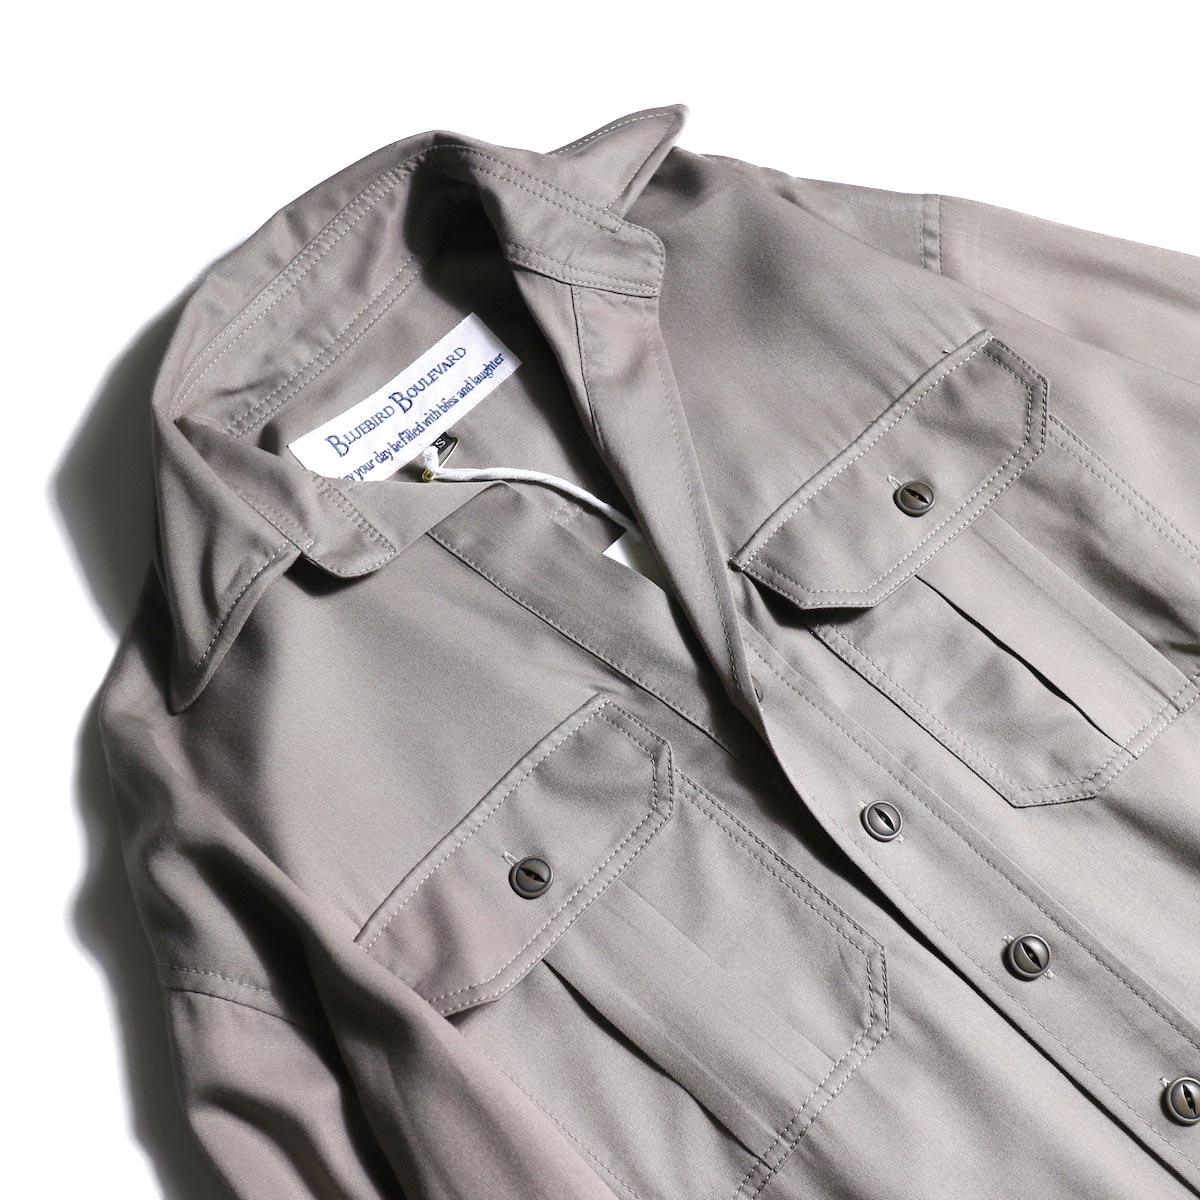 BLUEBIRD BOULEVARD / ソフトツイルシャツドレス (Taupe)オープンカラー、フラップポケット